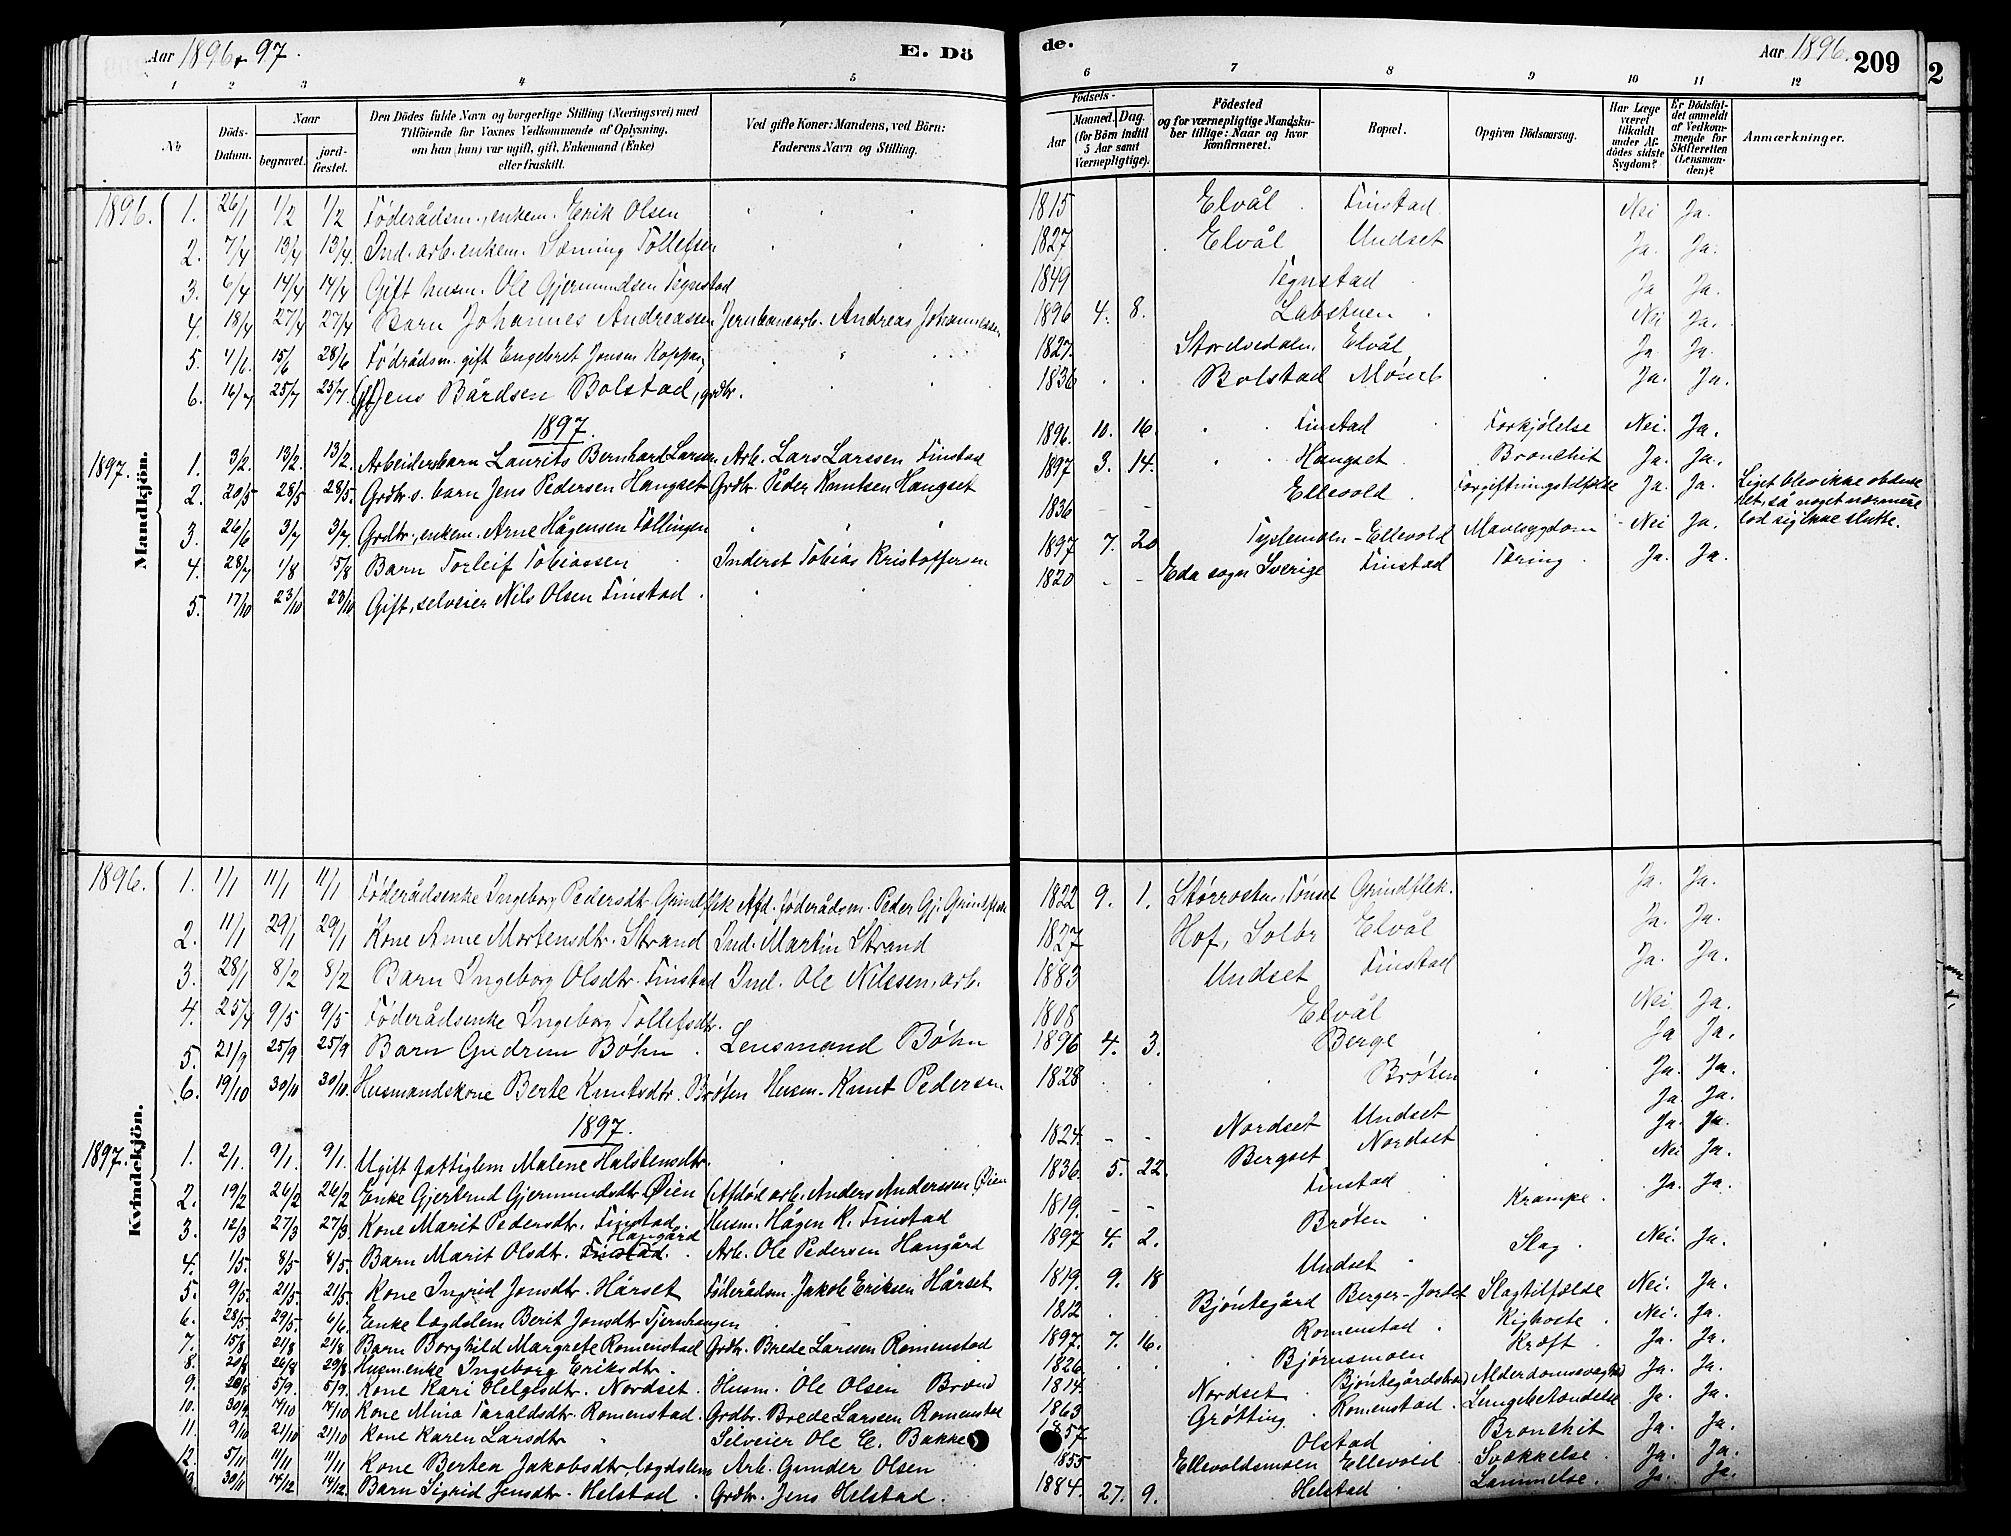 SAH, Rendalen prestekontor, H/Ha/Hab/L0003: Klokkerbok nr. 3, 1879-1904, s. 209